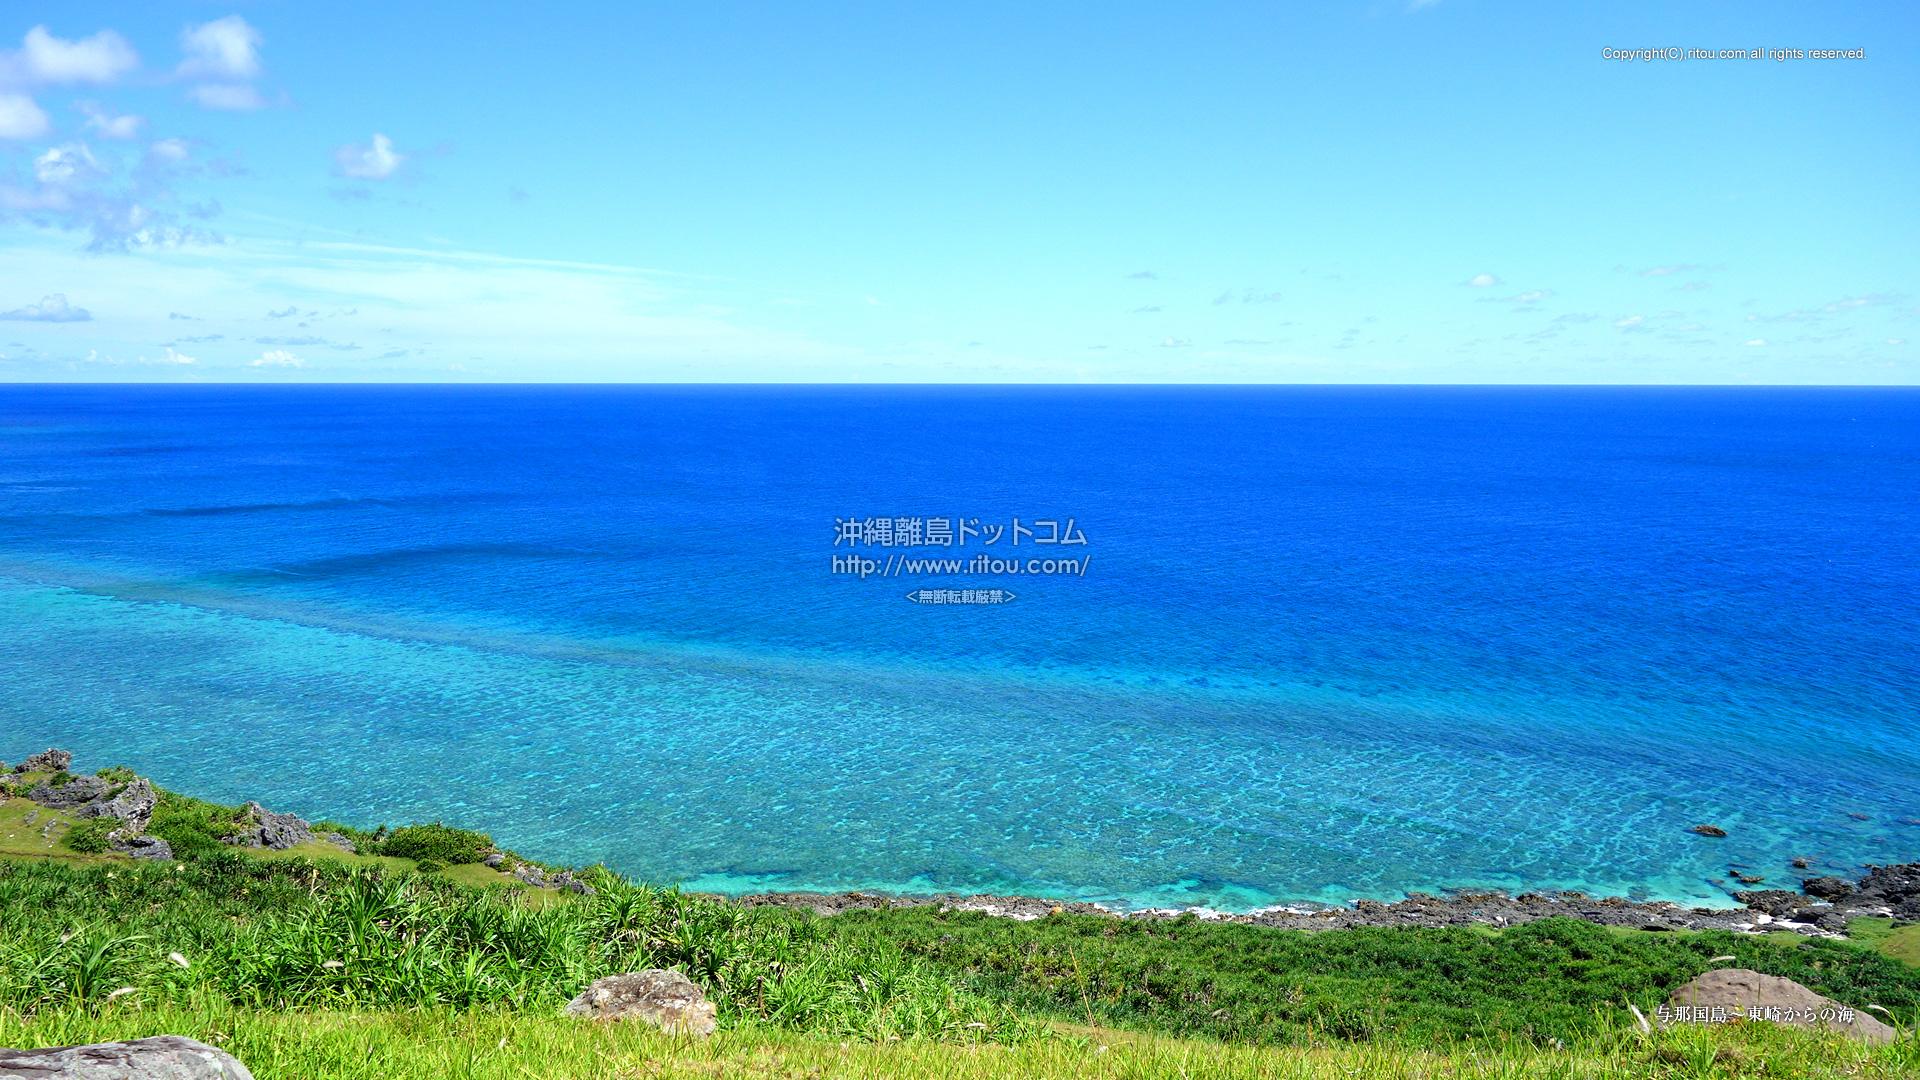 与那国島〜東崎からの海